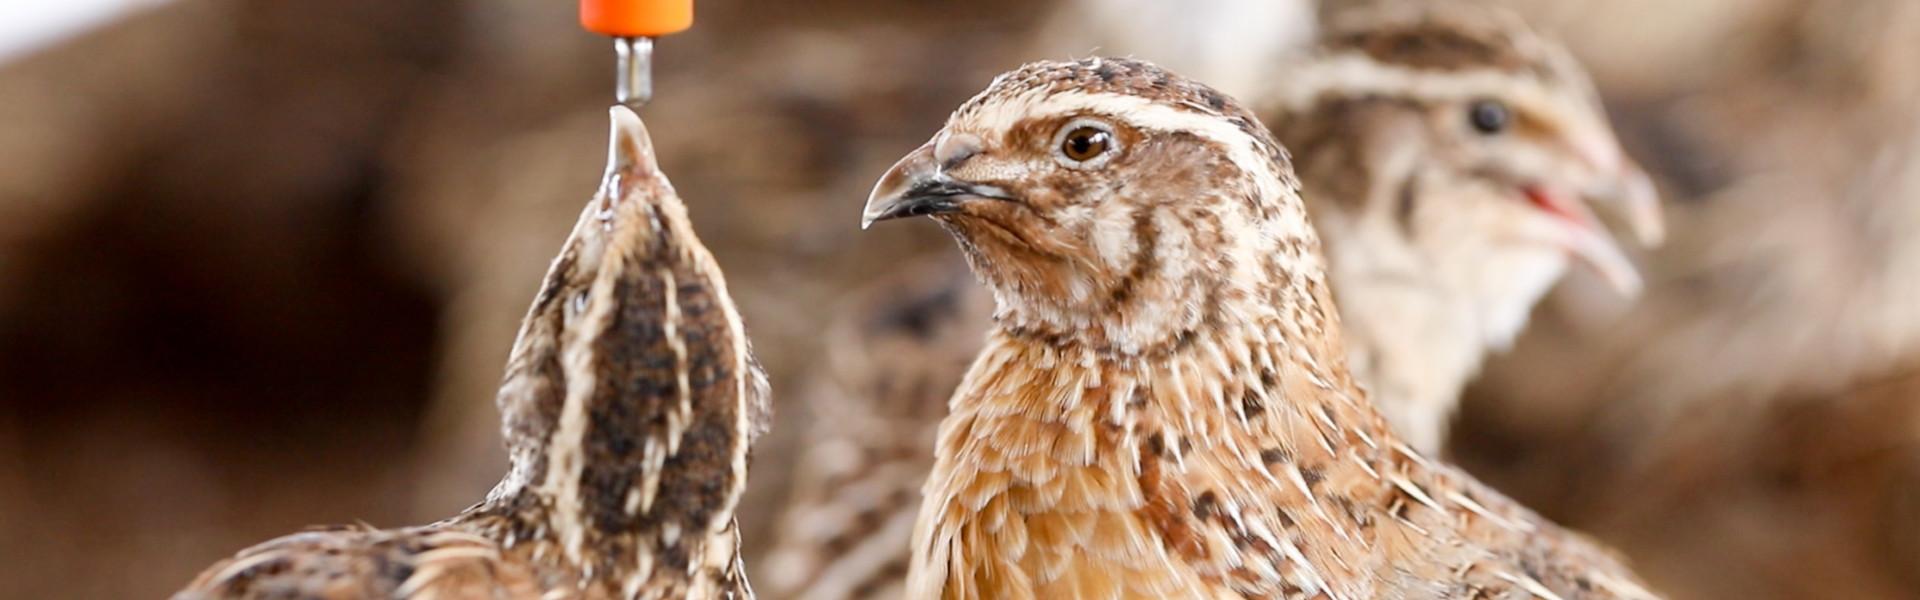 quail-feed